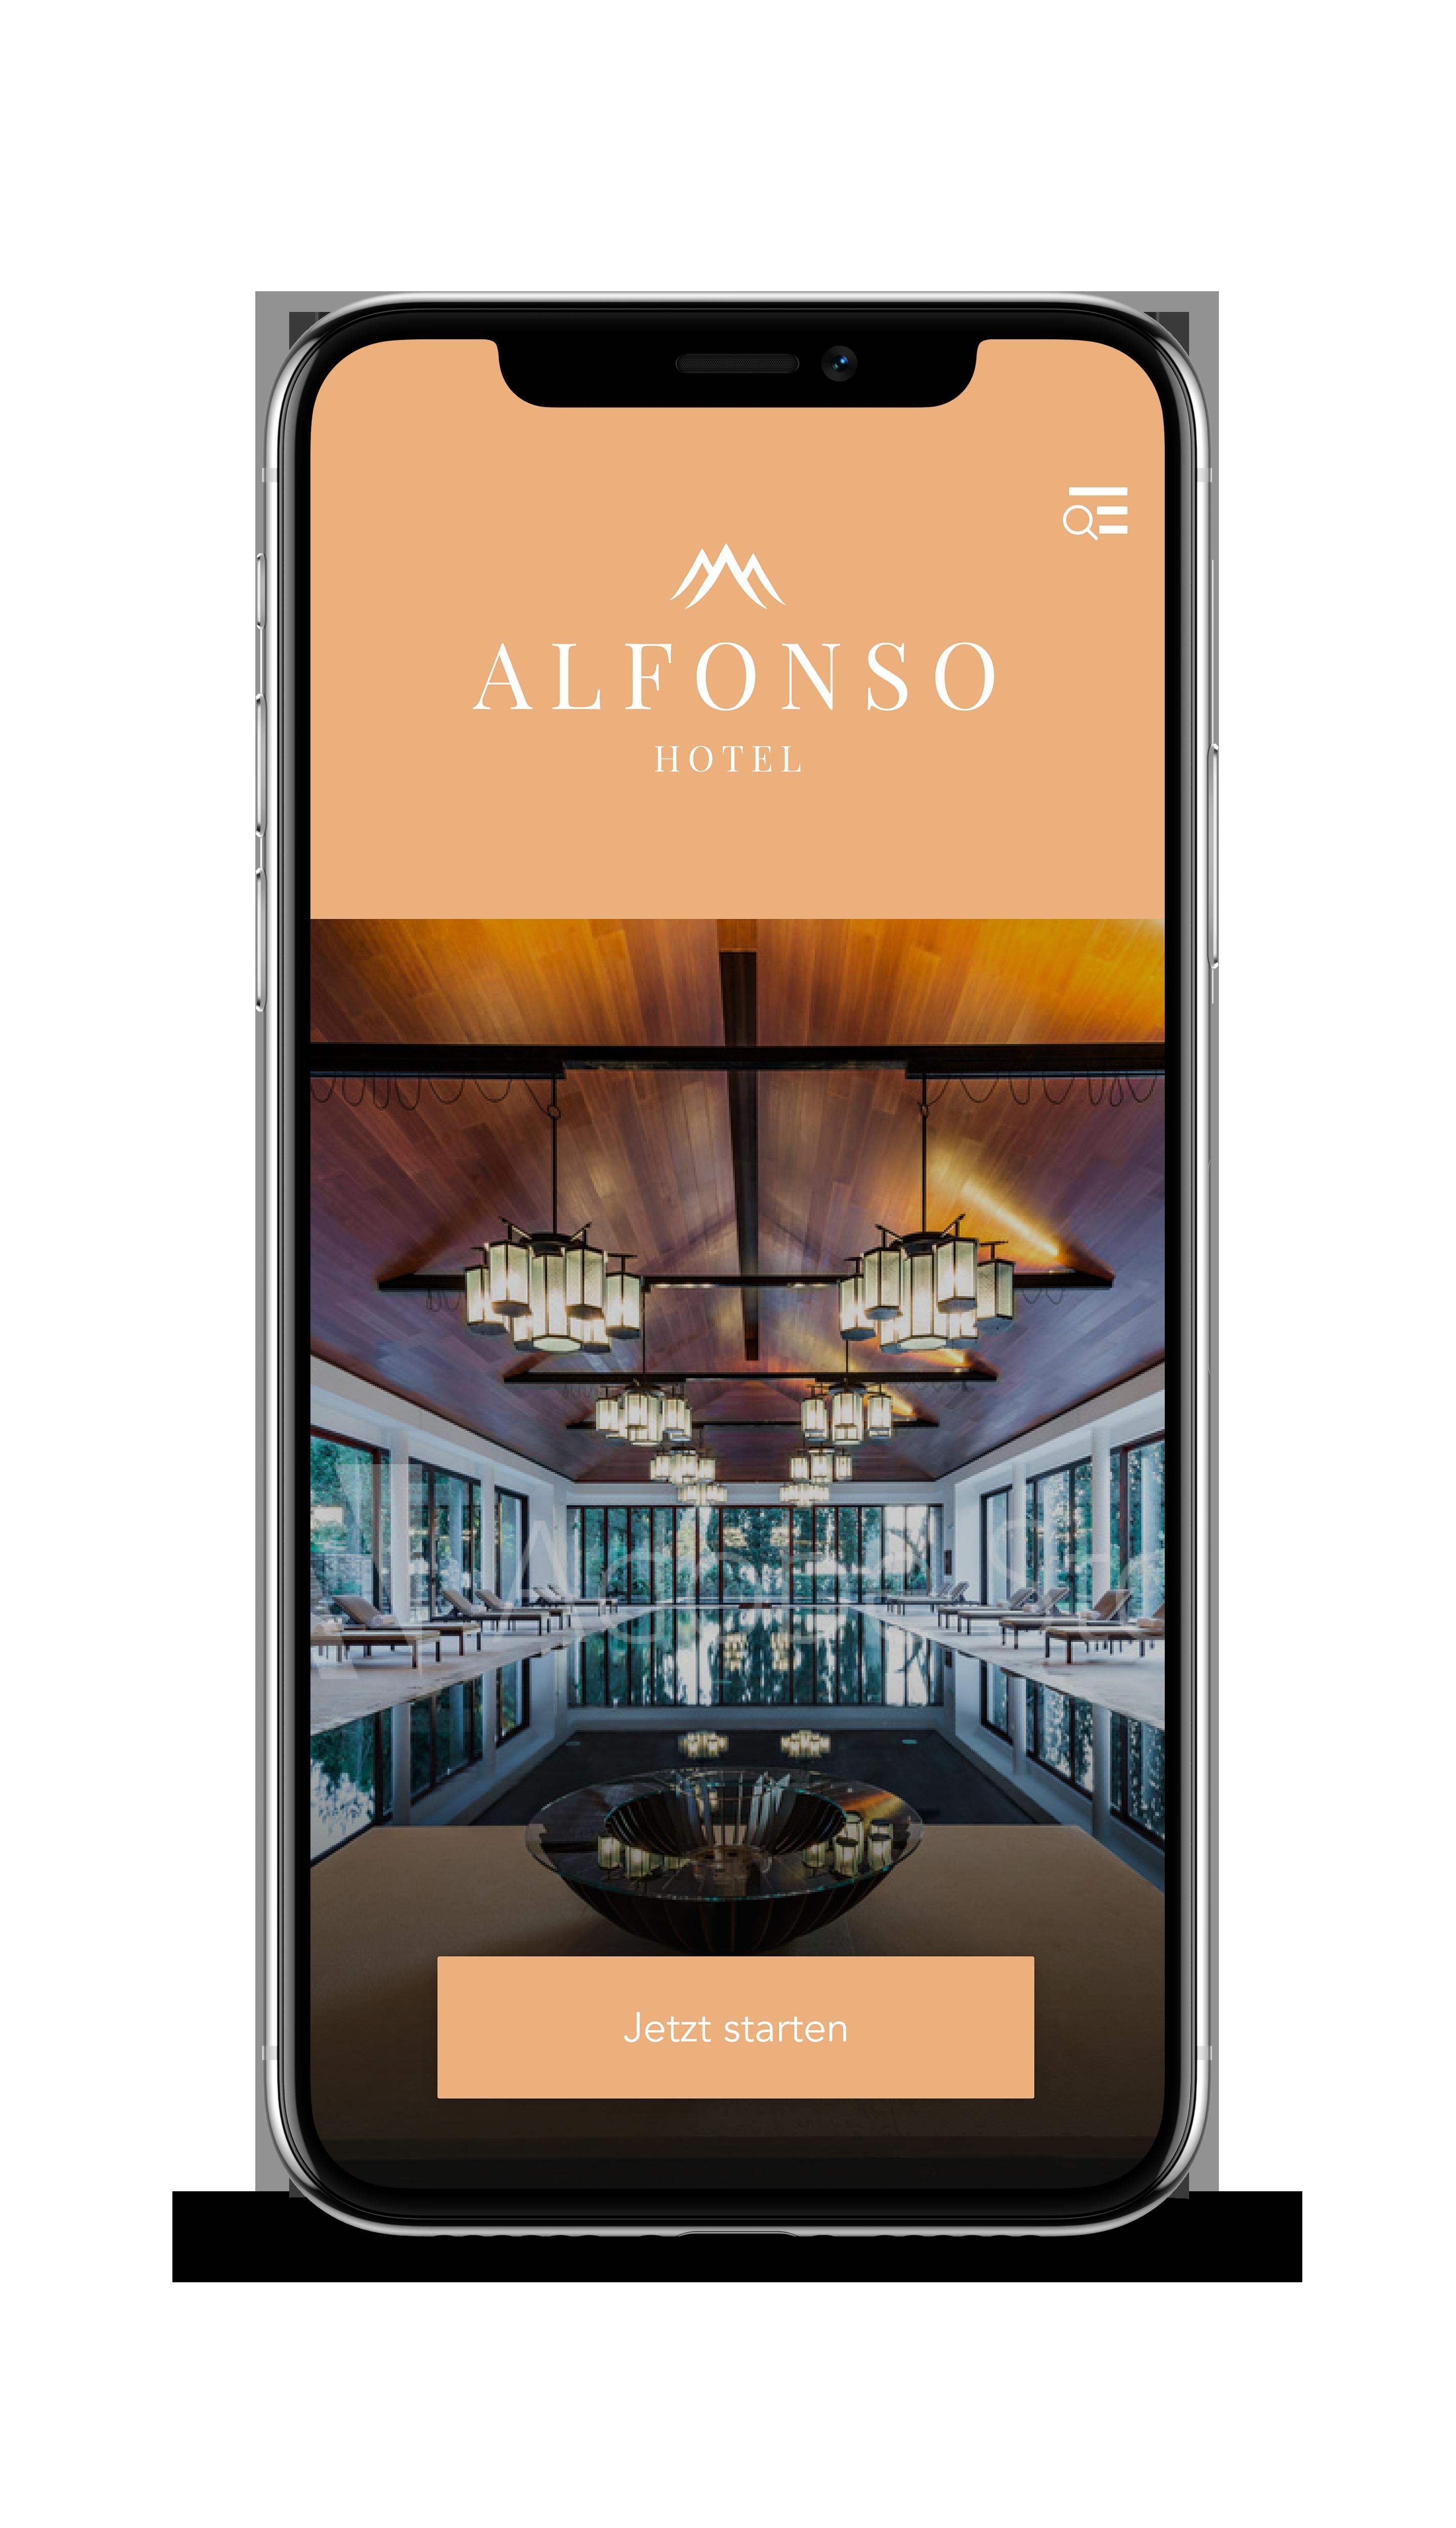 Startbildschirm der App auf einem Handy